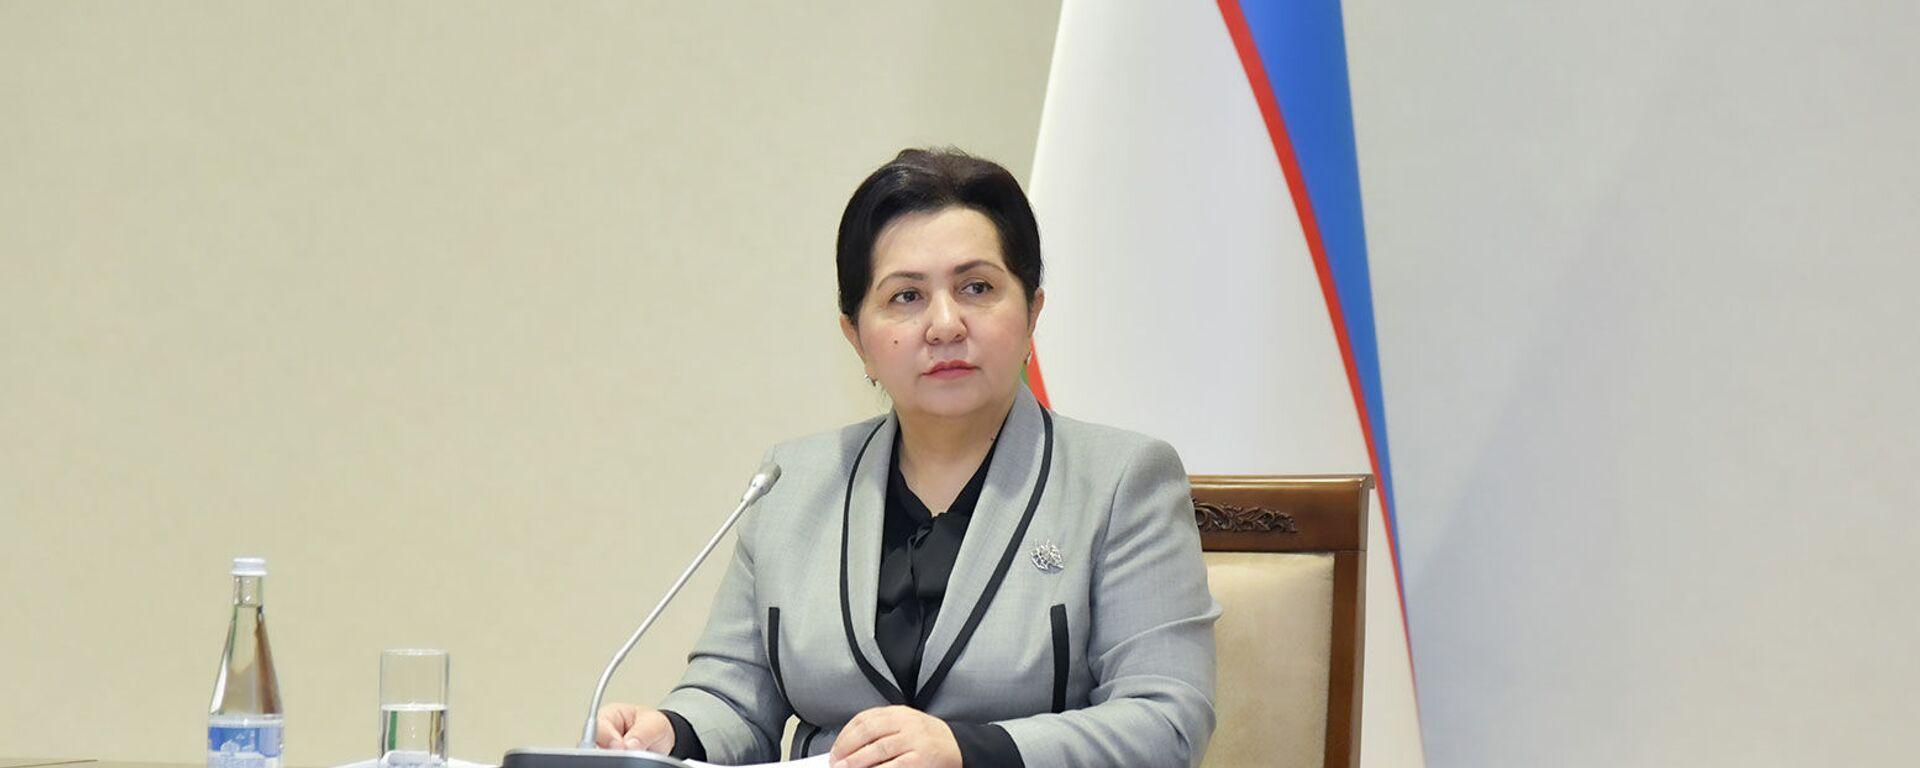 Председатель Сената Олий Мажлиса Узбекистана Танзила Нарбаева - Sputnik Узбекистан, 1920, 06.02.2021